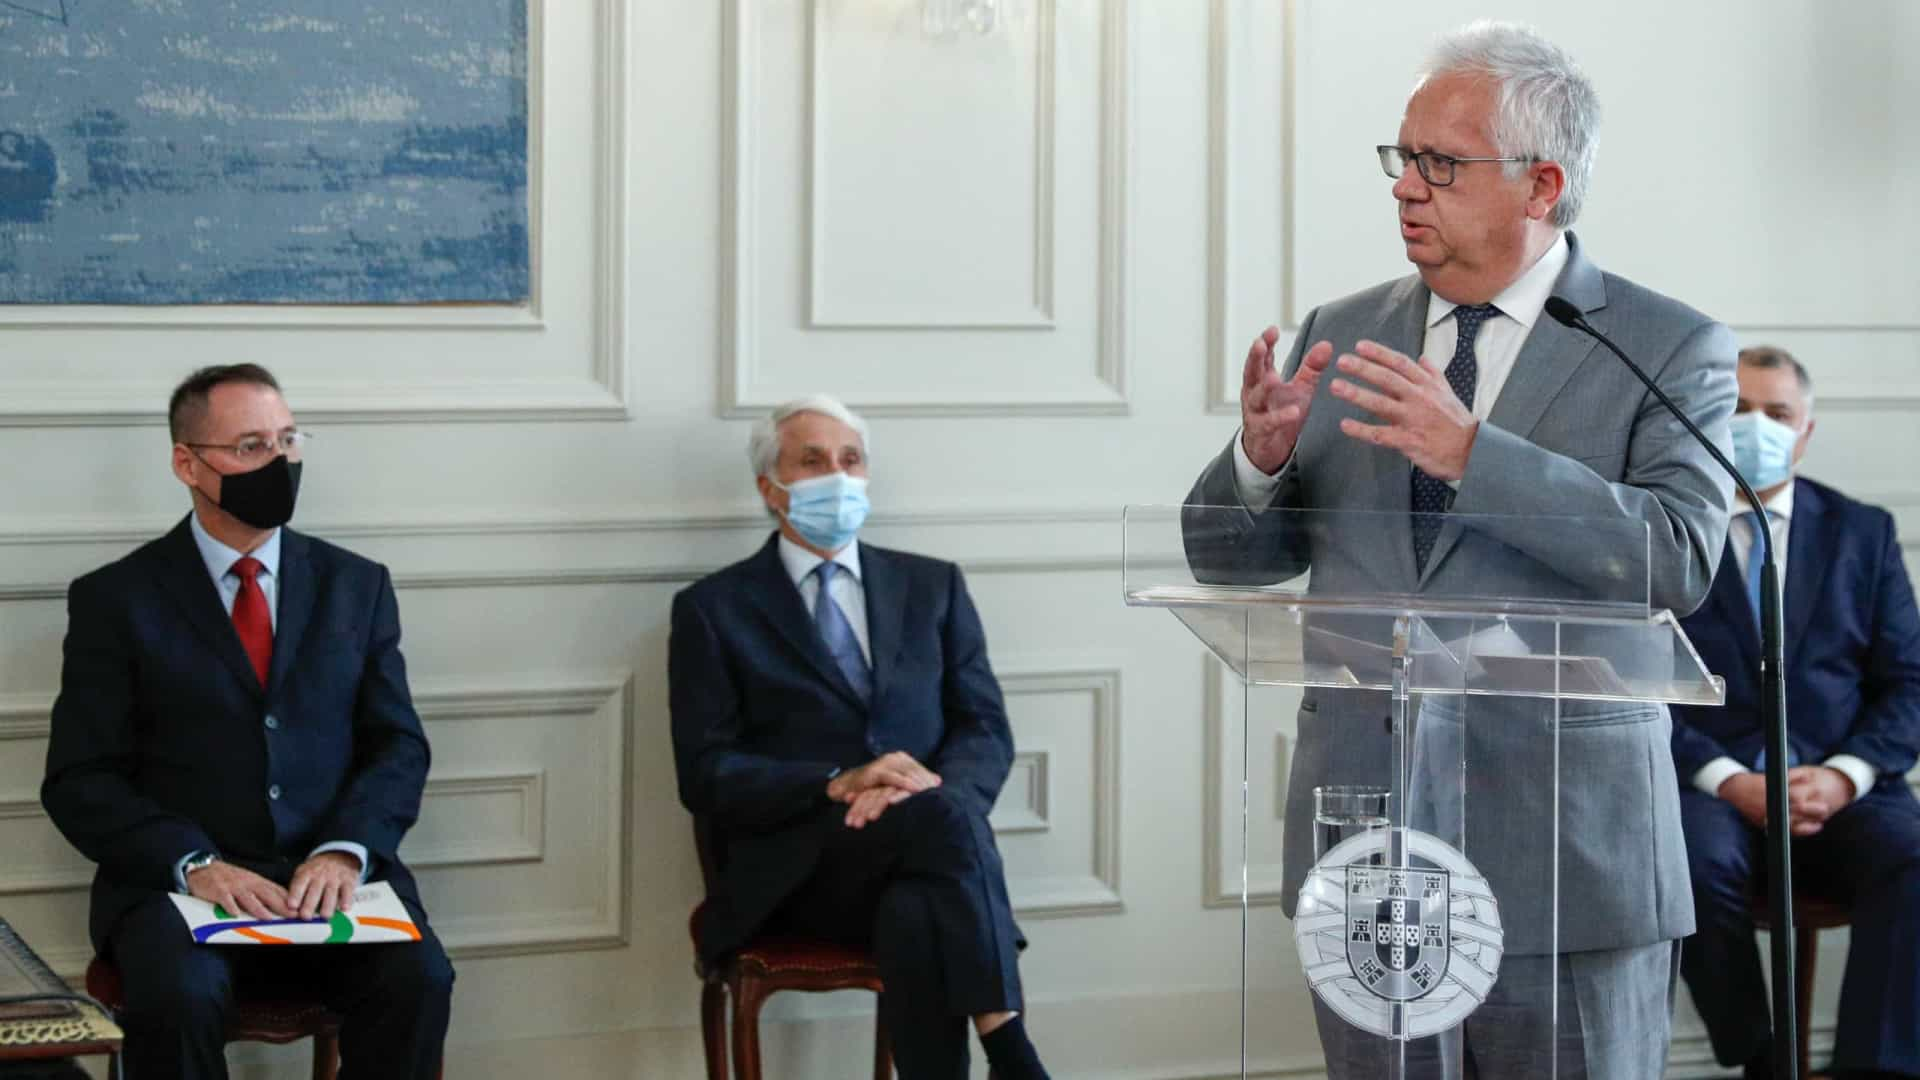 Proteção Civil vai estar envolvida na distribuição de vacinas da Covid-19